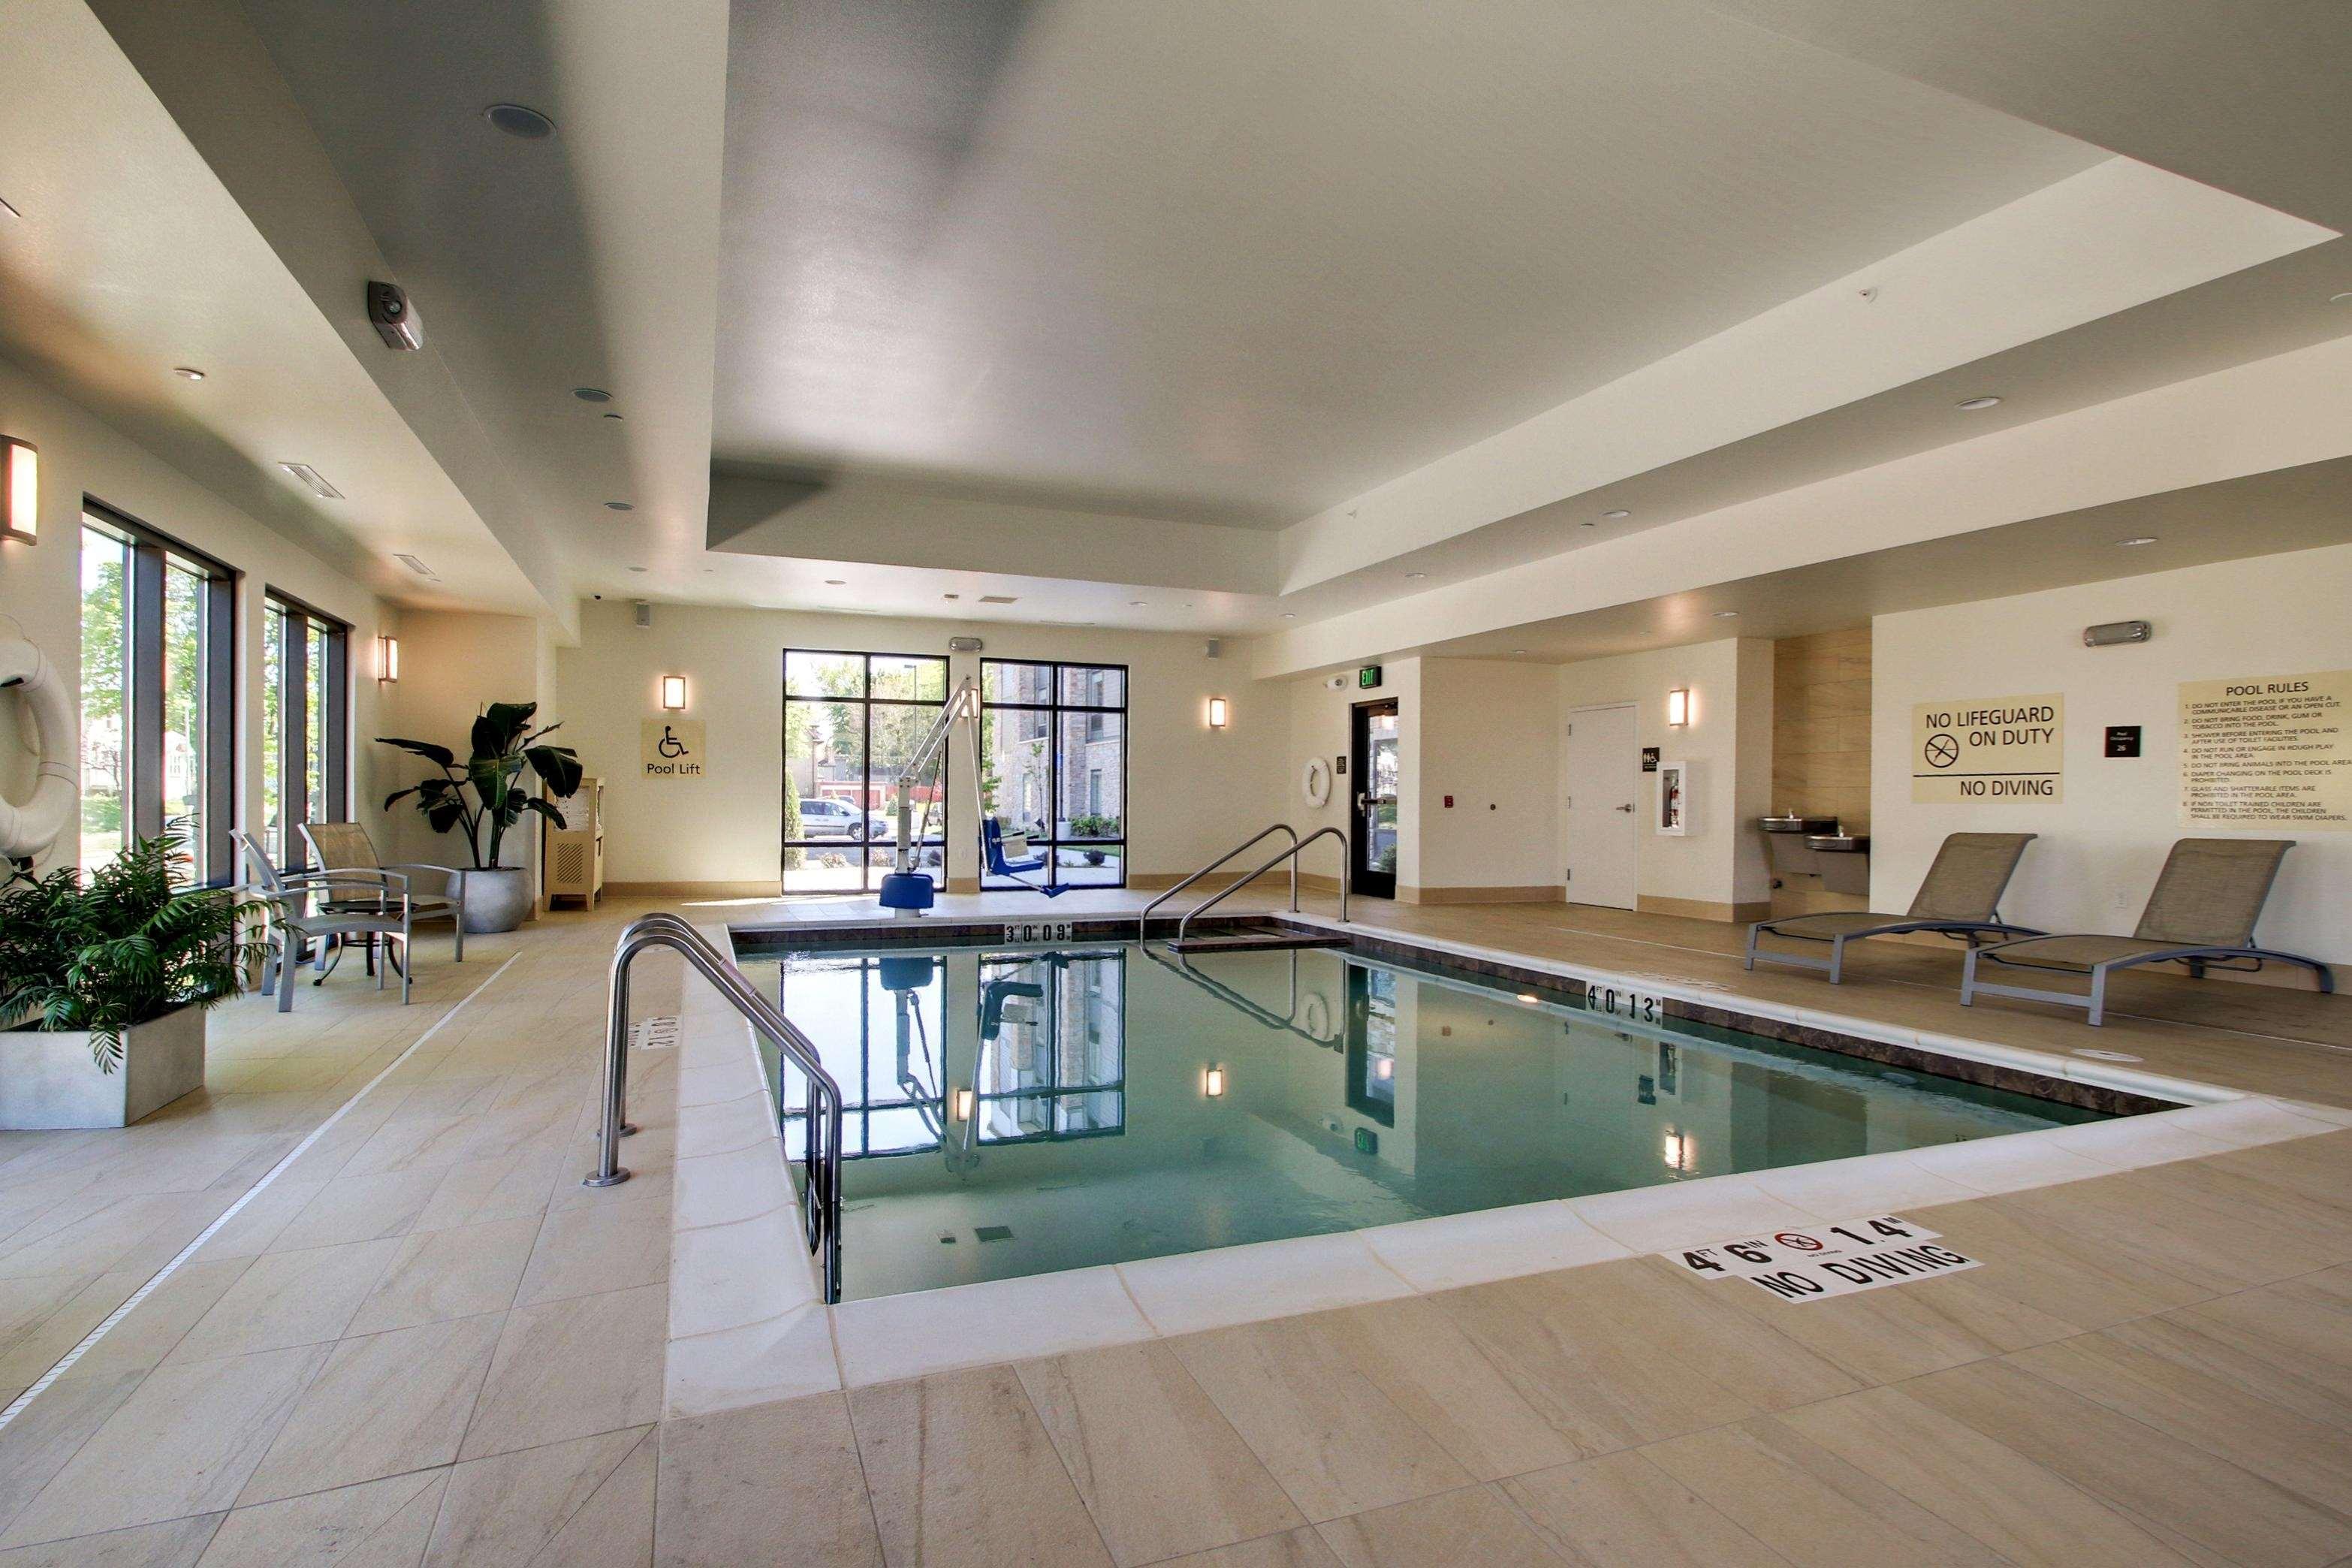 Hampton Inn & Suites Milwaukee West image 33